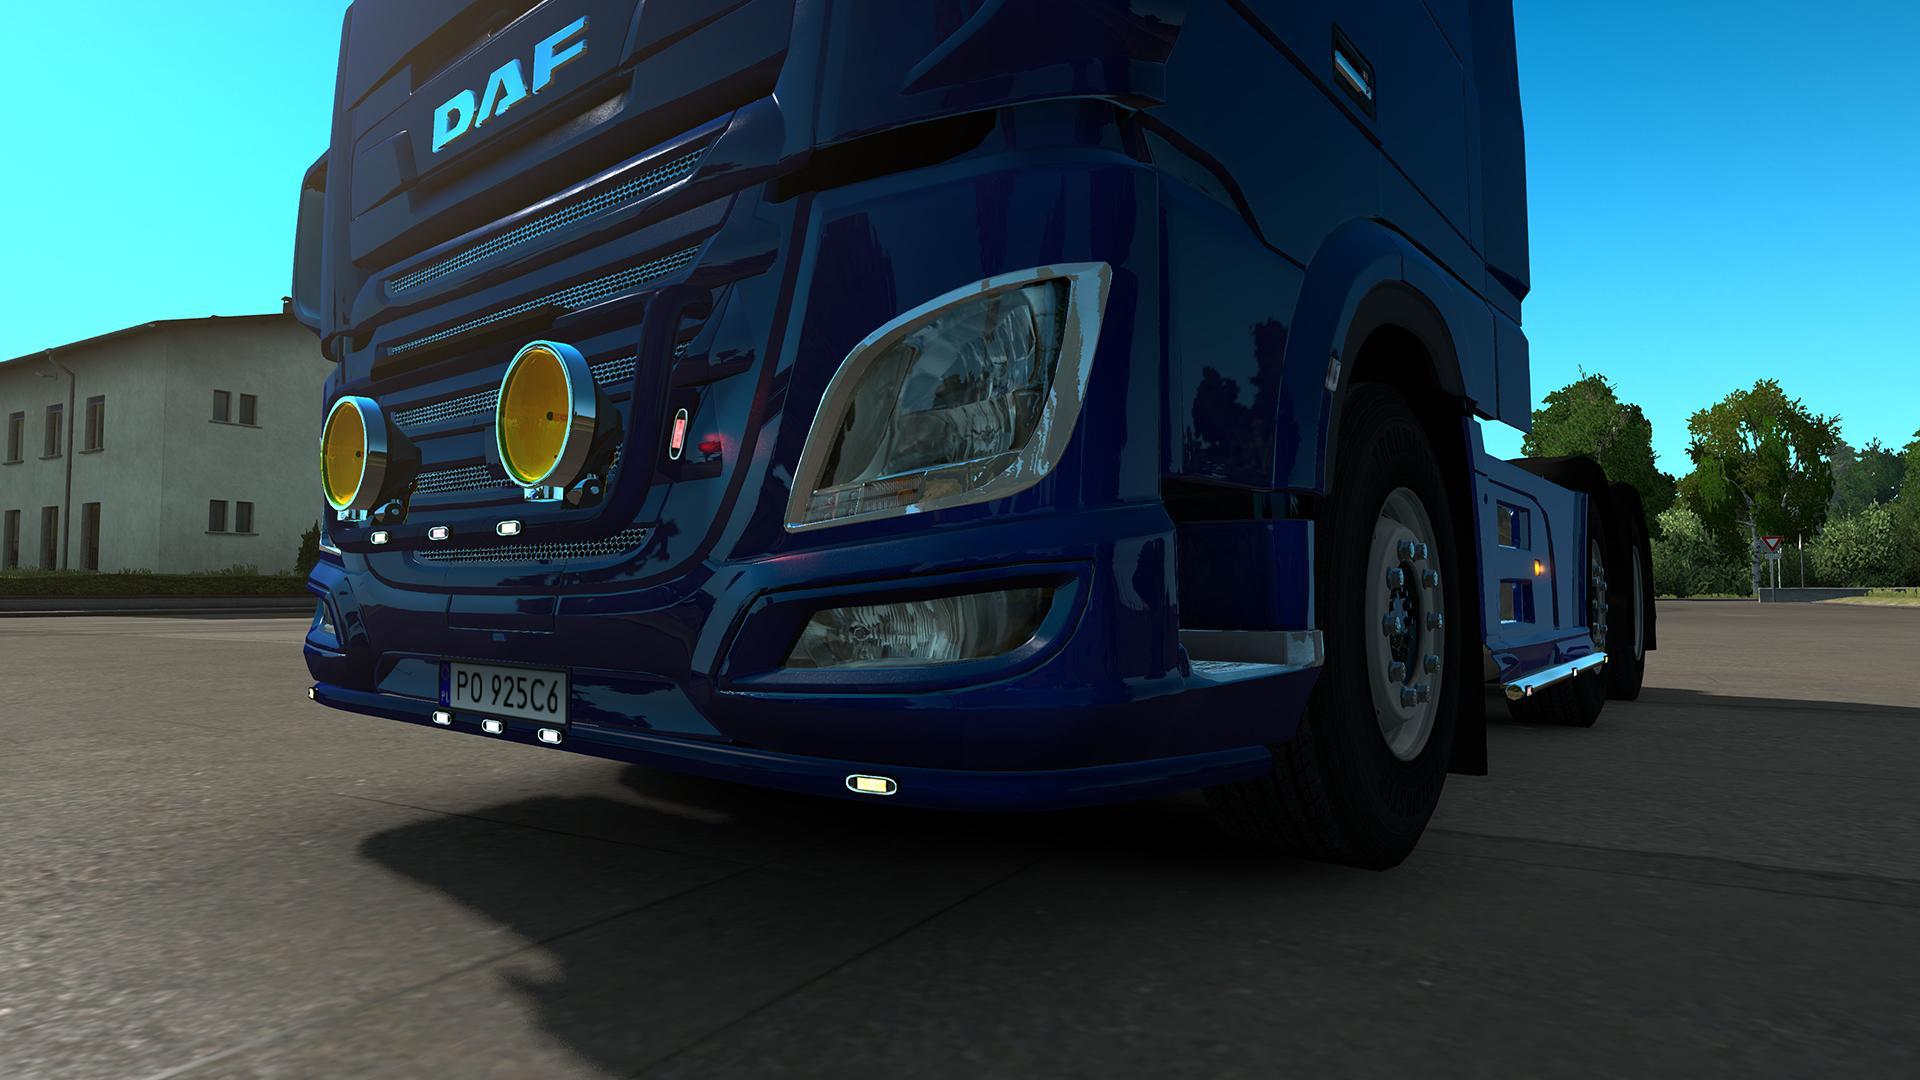 Led Strobe Lights For Trucks >> ETS/ATS BOREMAN LED MARKER LIGHTS V1.3 TUNING MOD - ETS2 Mod